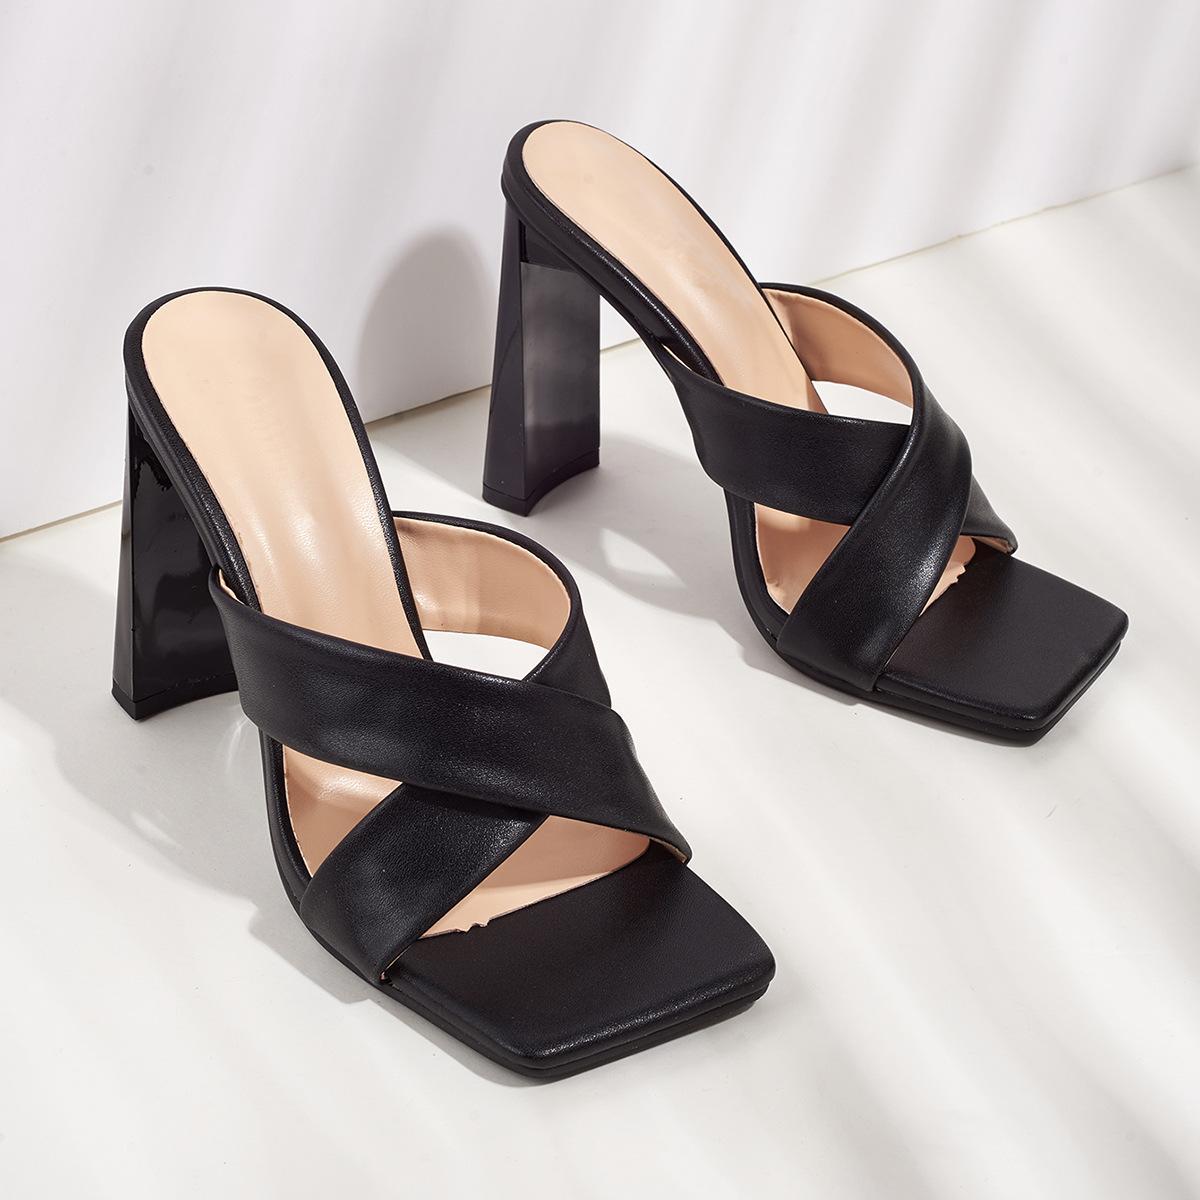 Dieci 2021 sandali da donna tacco alto 10 cm bianco giallo nero grosso tacchi moda abito da esterno abito da sposa ufficio festa